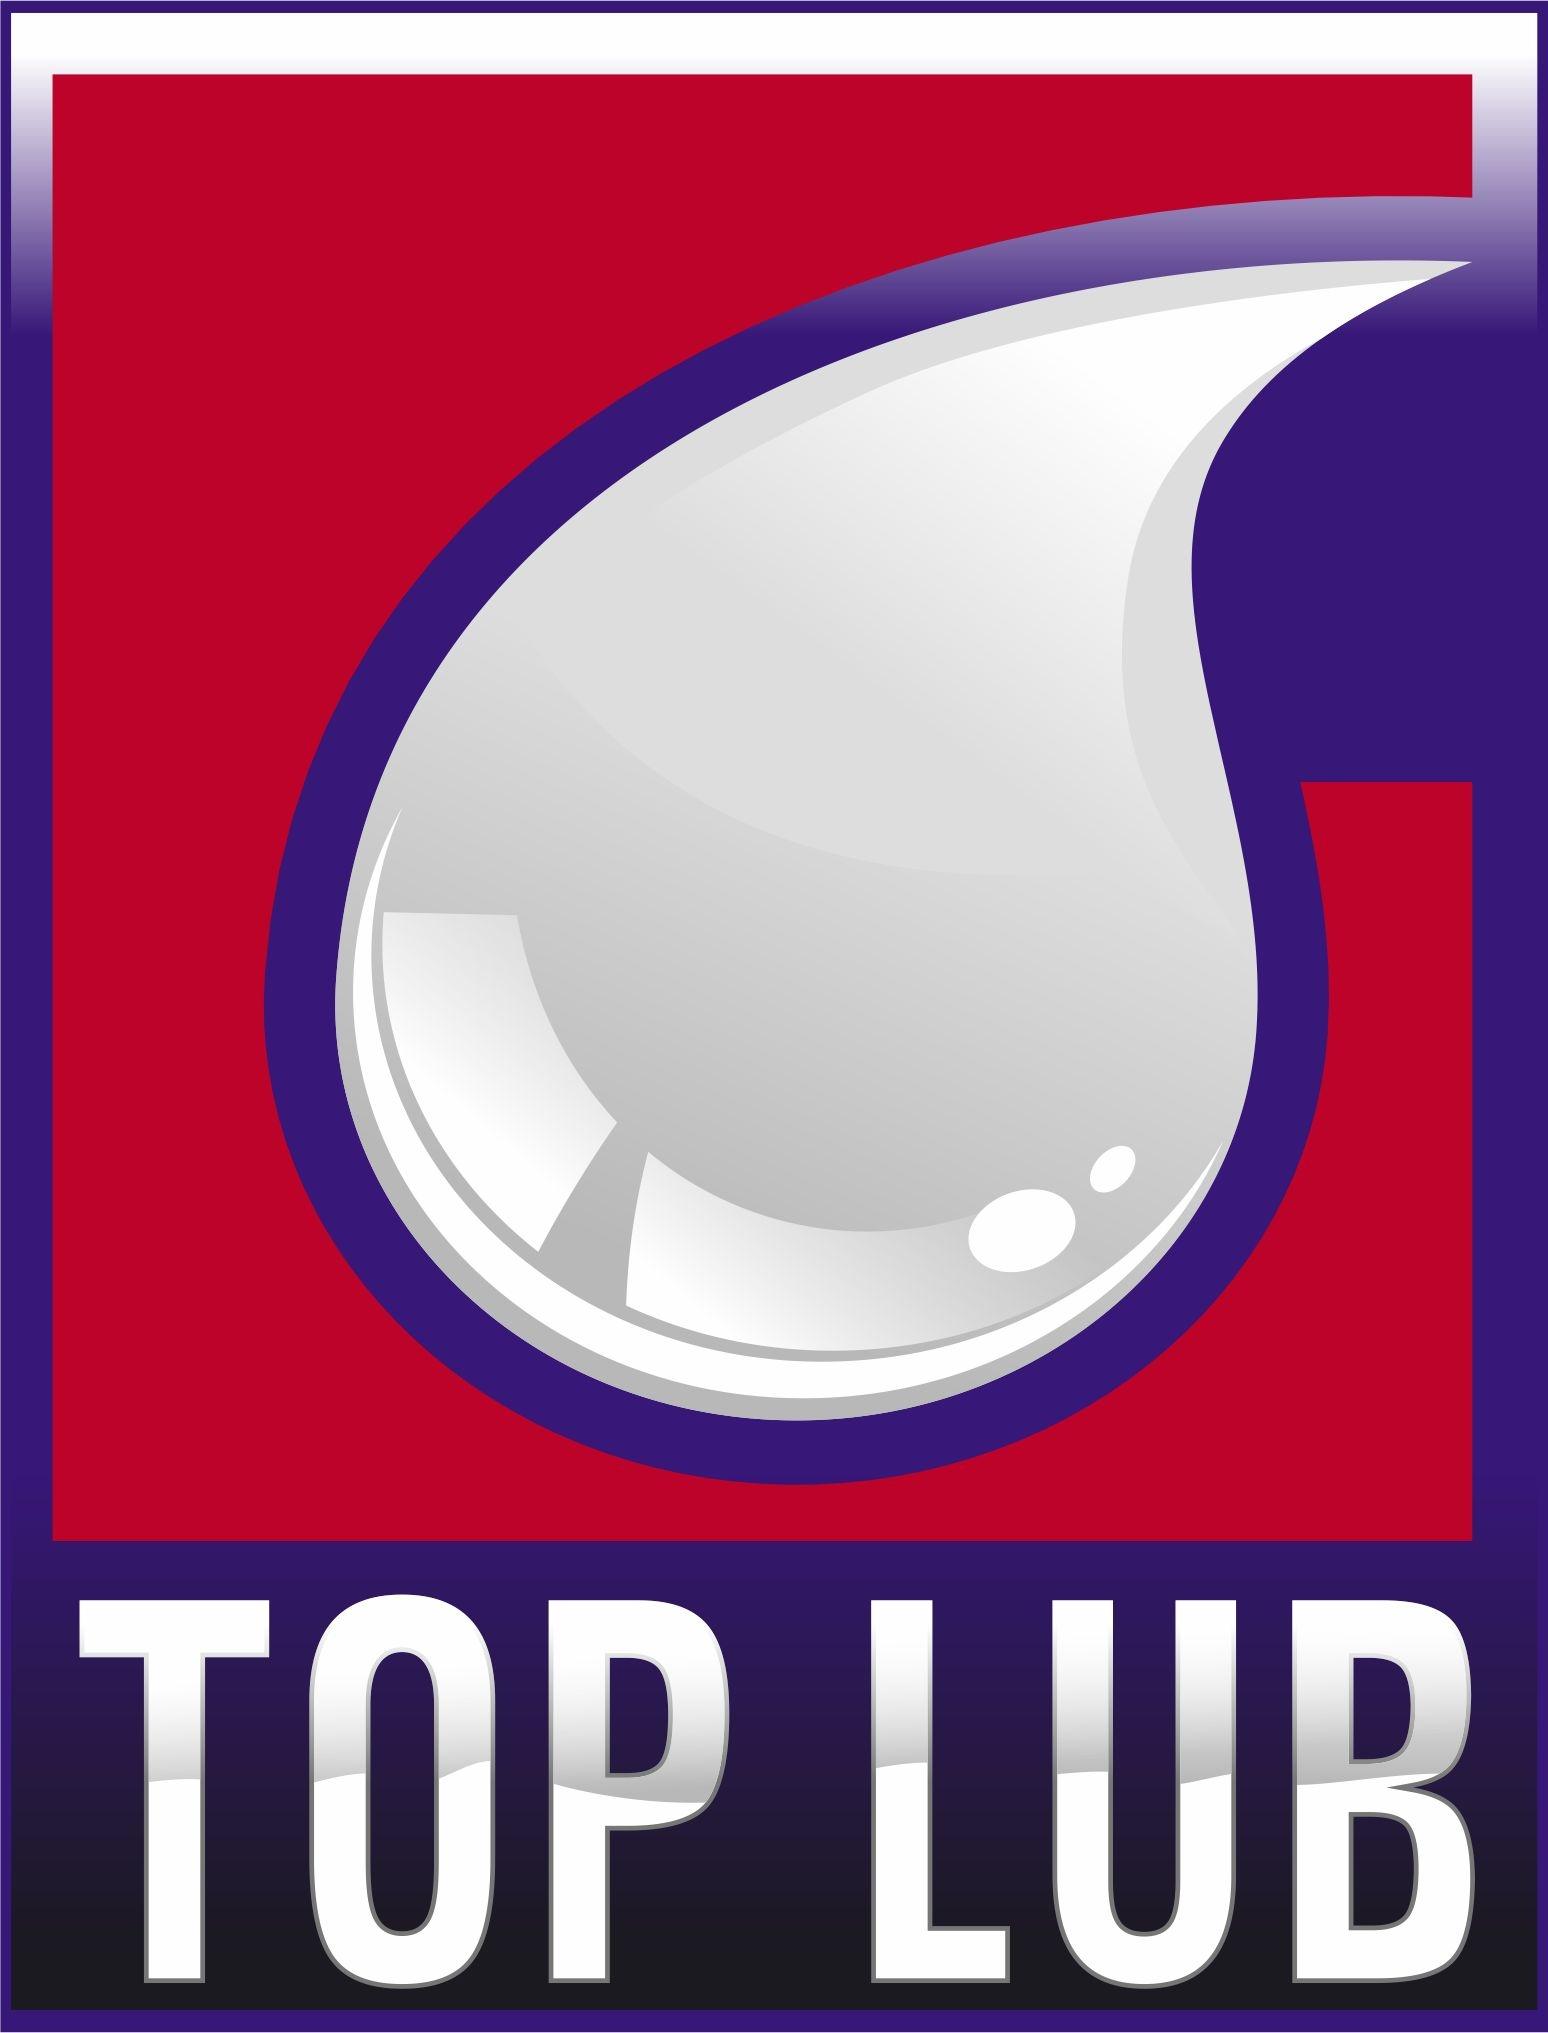 TOP LUB